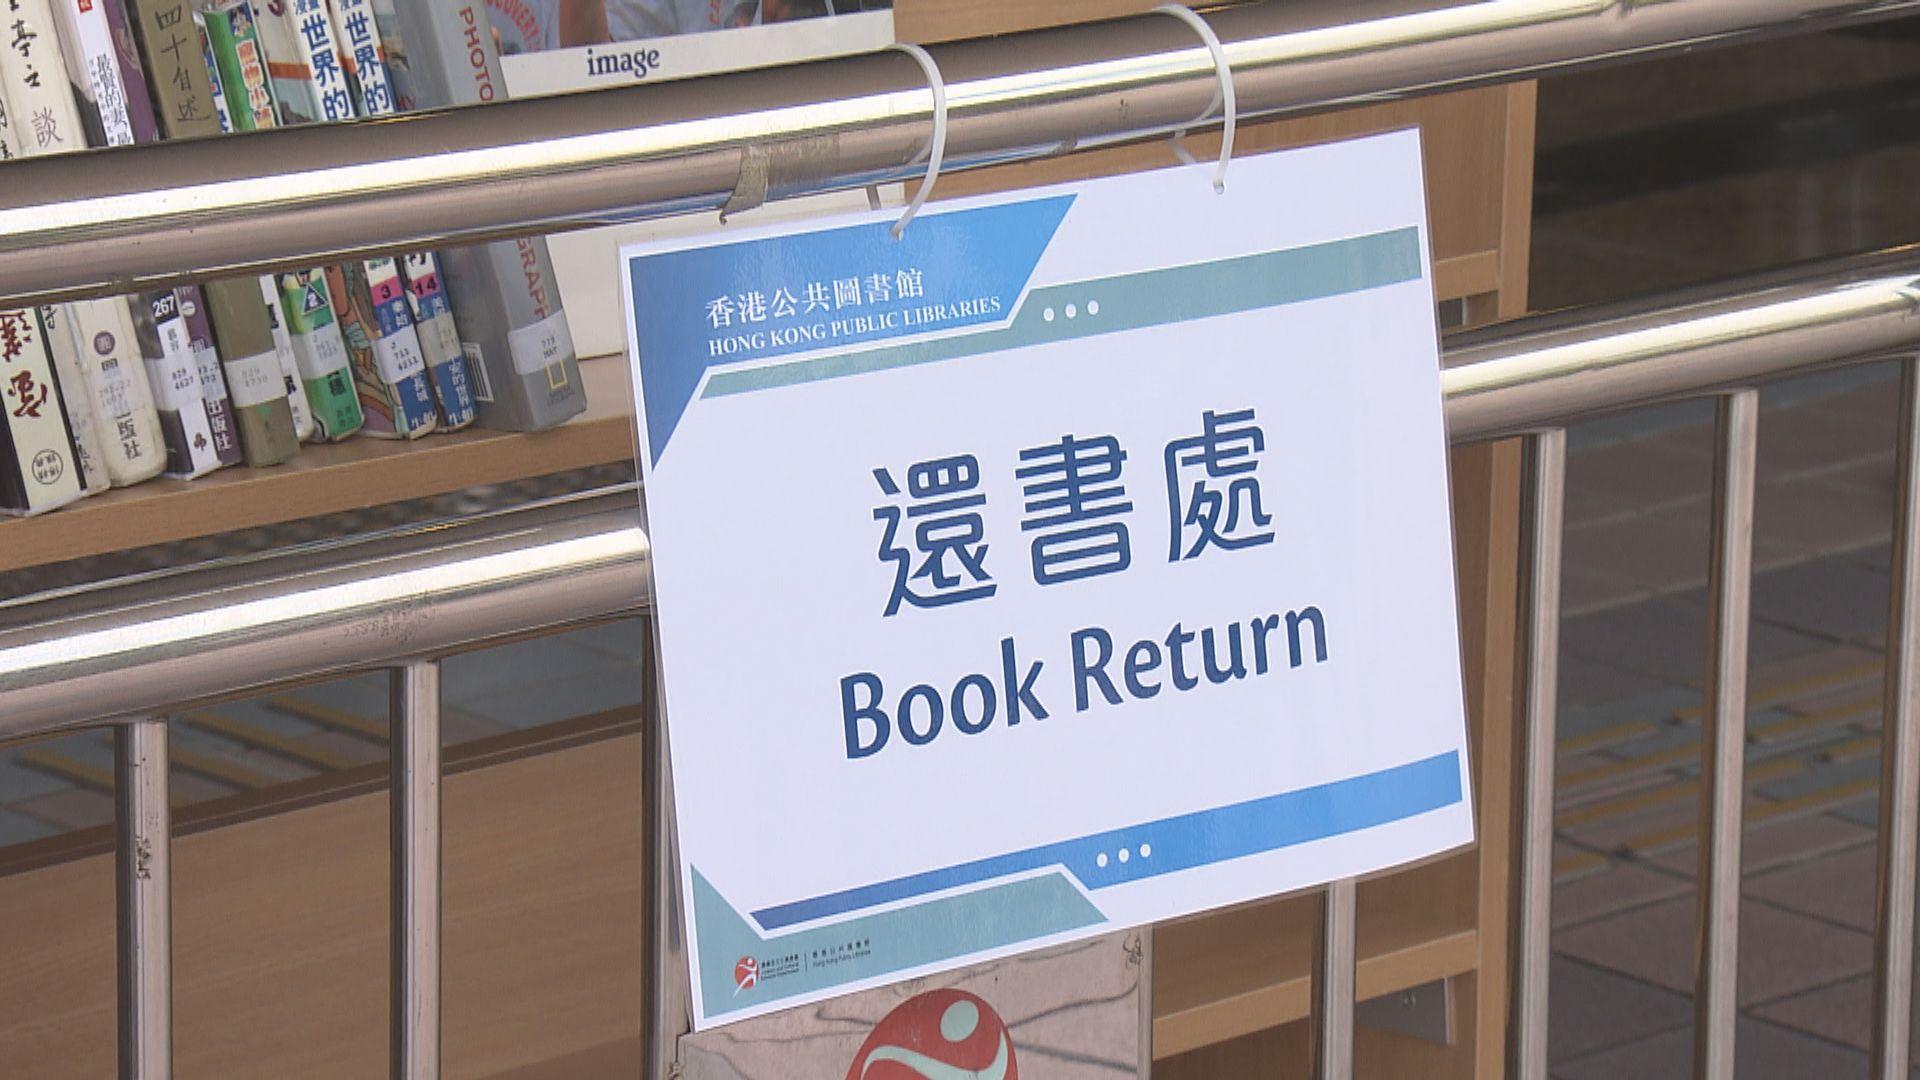 【提提你】公共圖書館下周一起恢復計算逾期歸還罰款